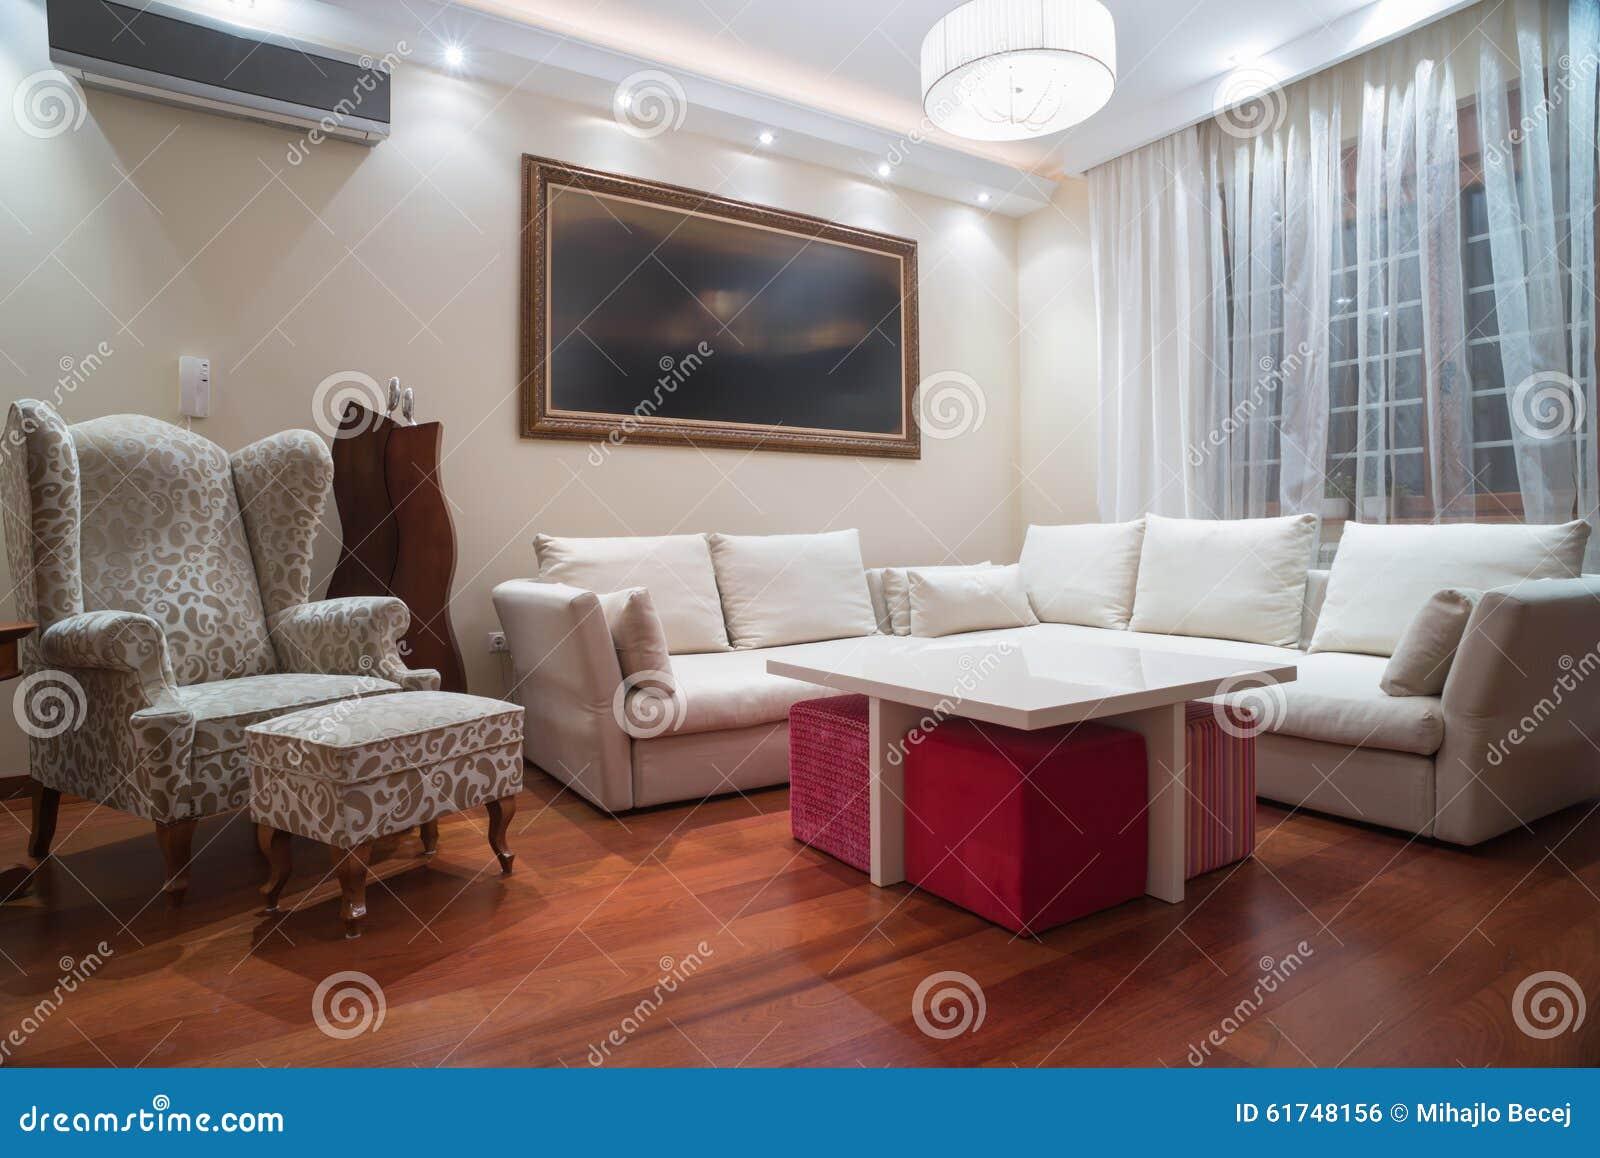 Luxuswohnzimmer Mit Modernen Deckenleuchten - Abendschuß Stockfoto ...